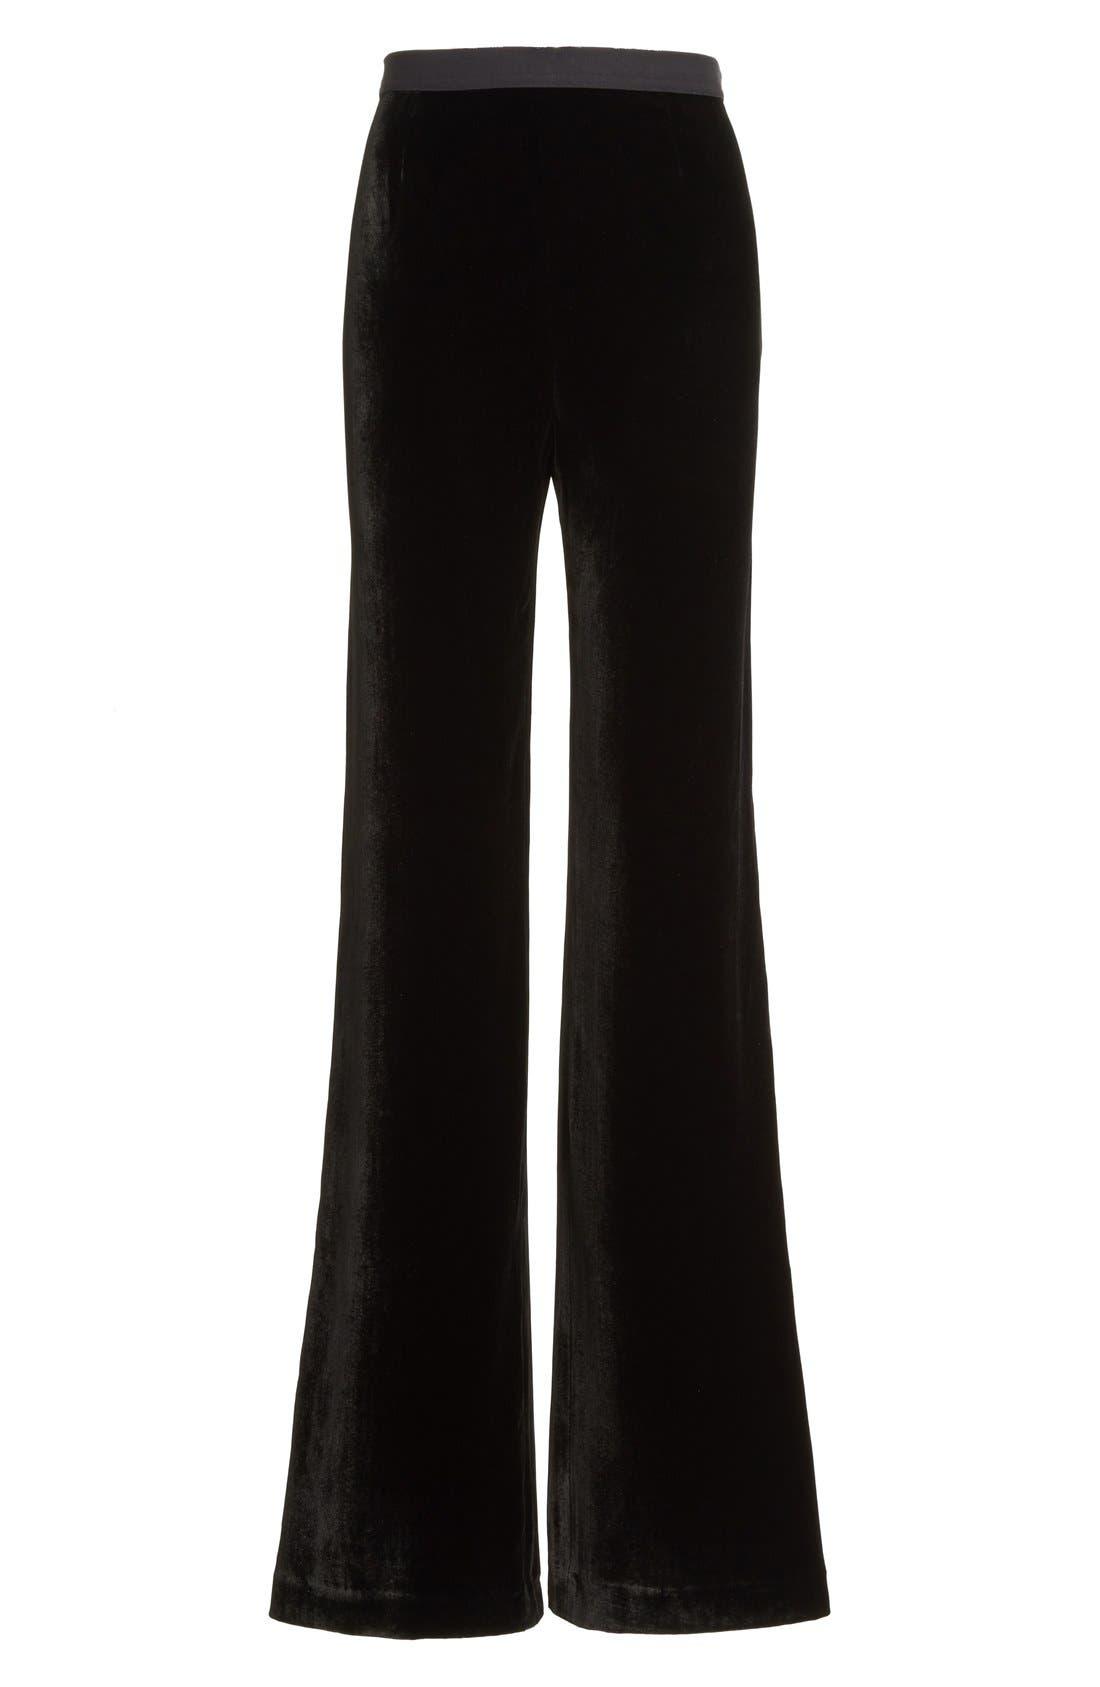 Alternate Image 1 Selected - Alexander Wang Wide Leg Velvet Pants